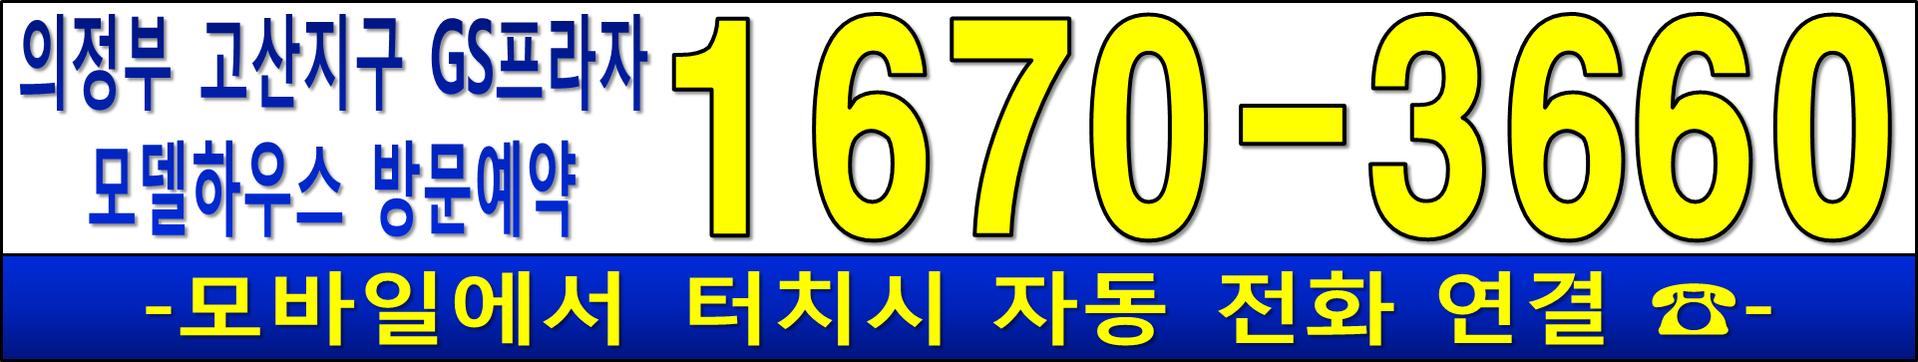 의정부 고산 GS프라자 대표번호 1